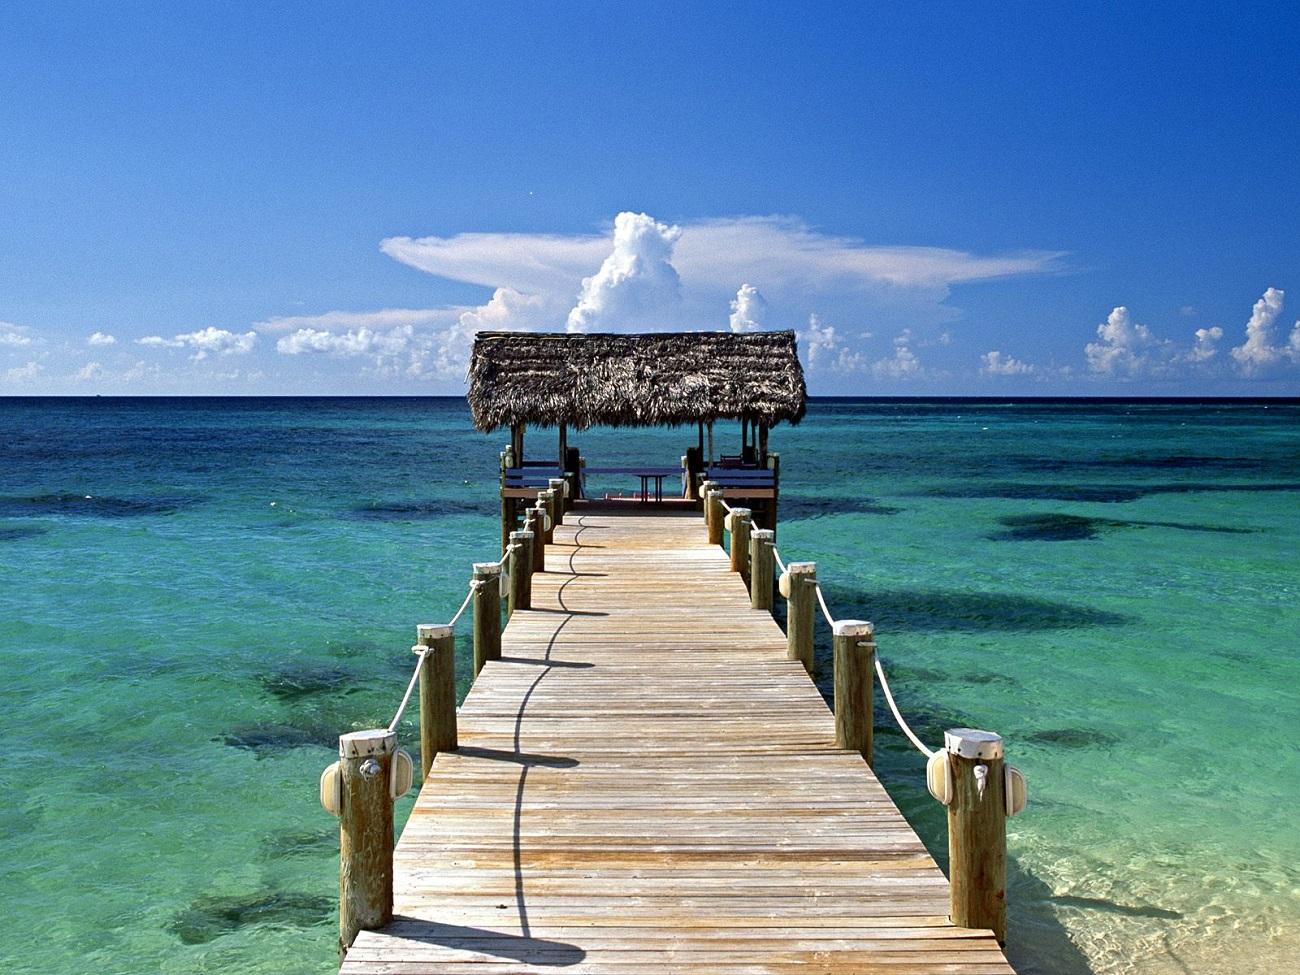 Insulele Bahamas, pod care conduce spre un foişor intim şi umbros